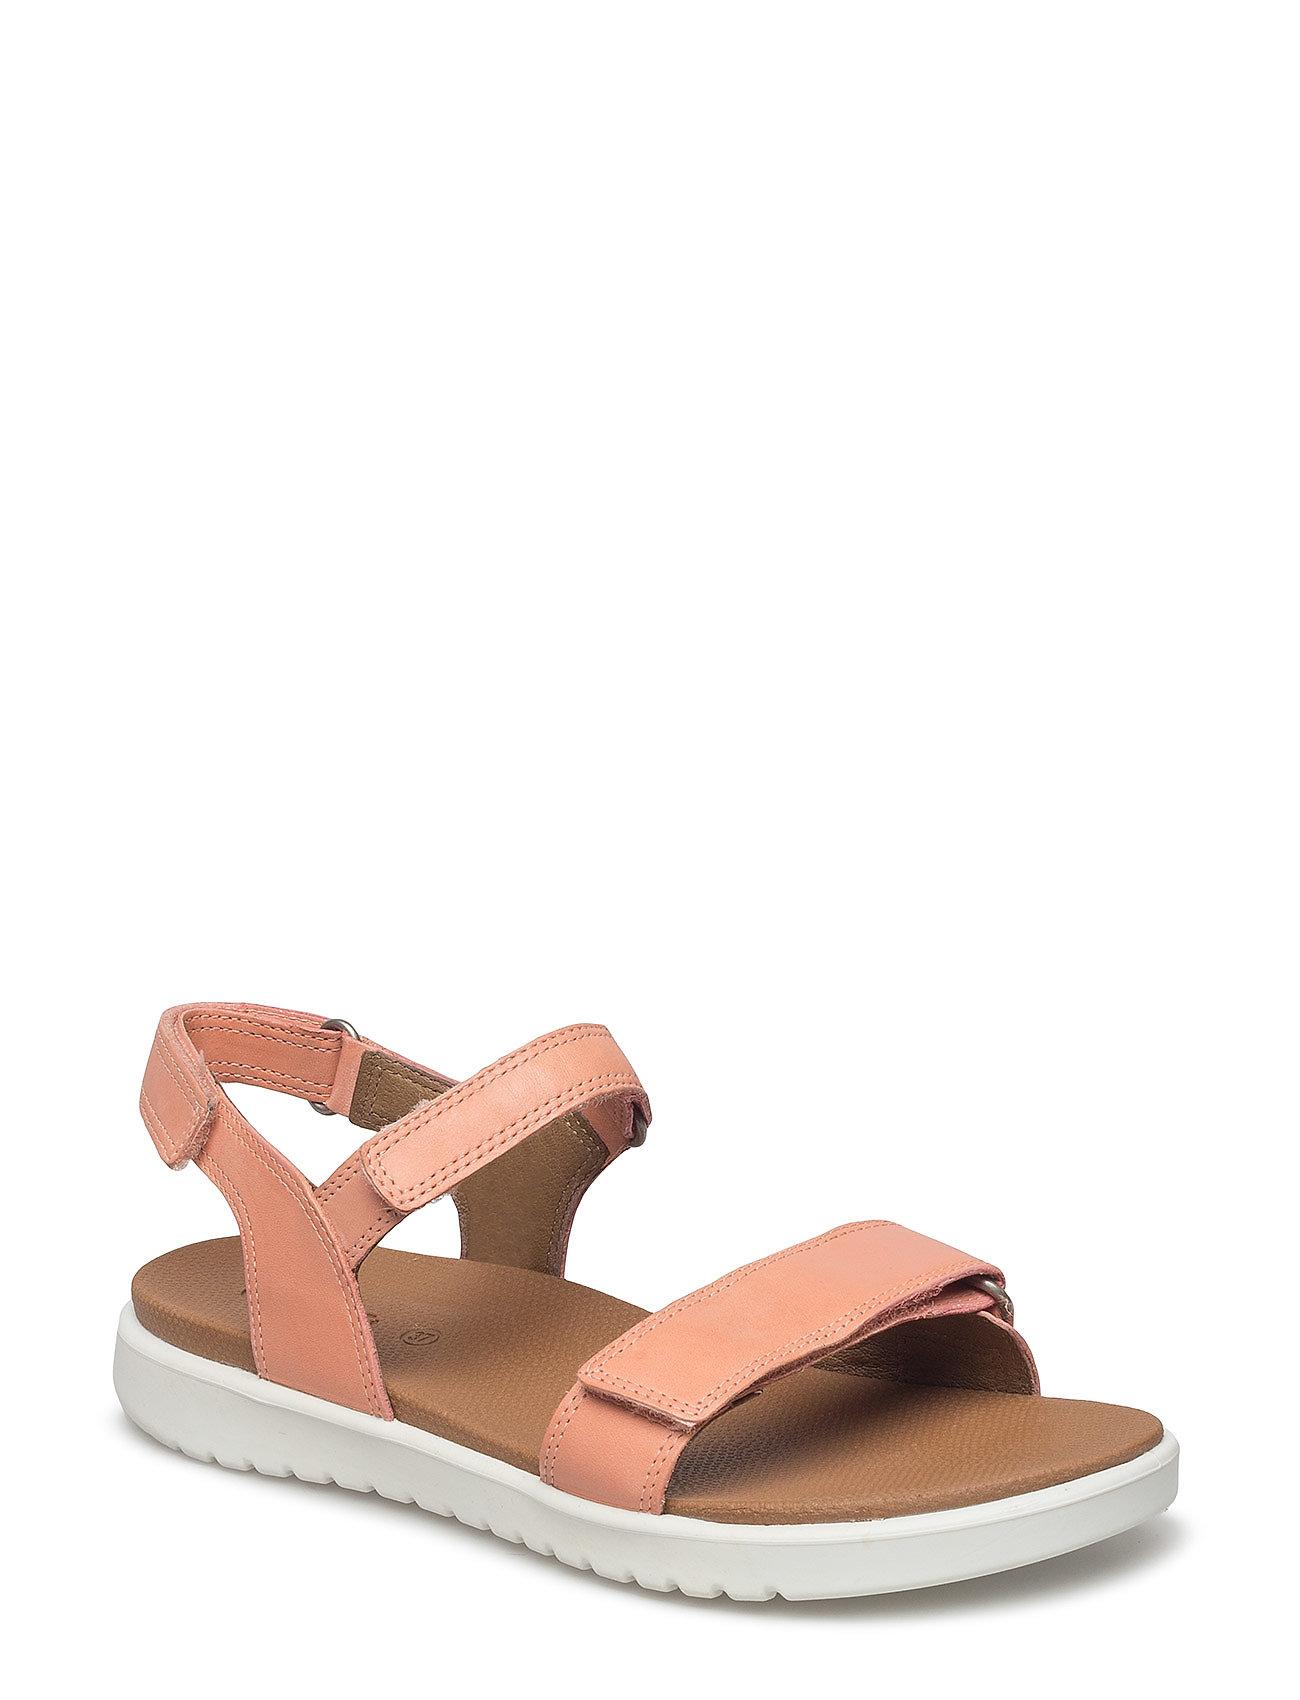 d605037e446 MOON ROCK ECCO Flora sandaler for børn - Pashion.dk